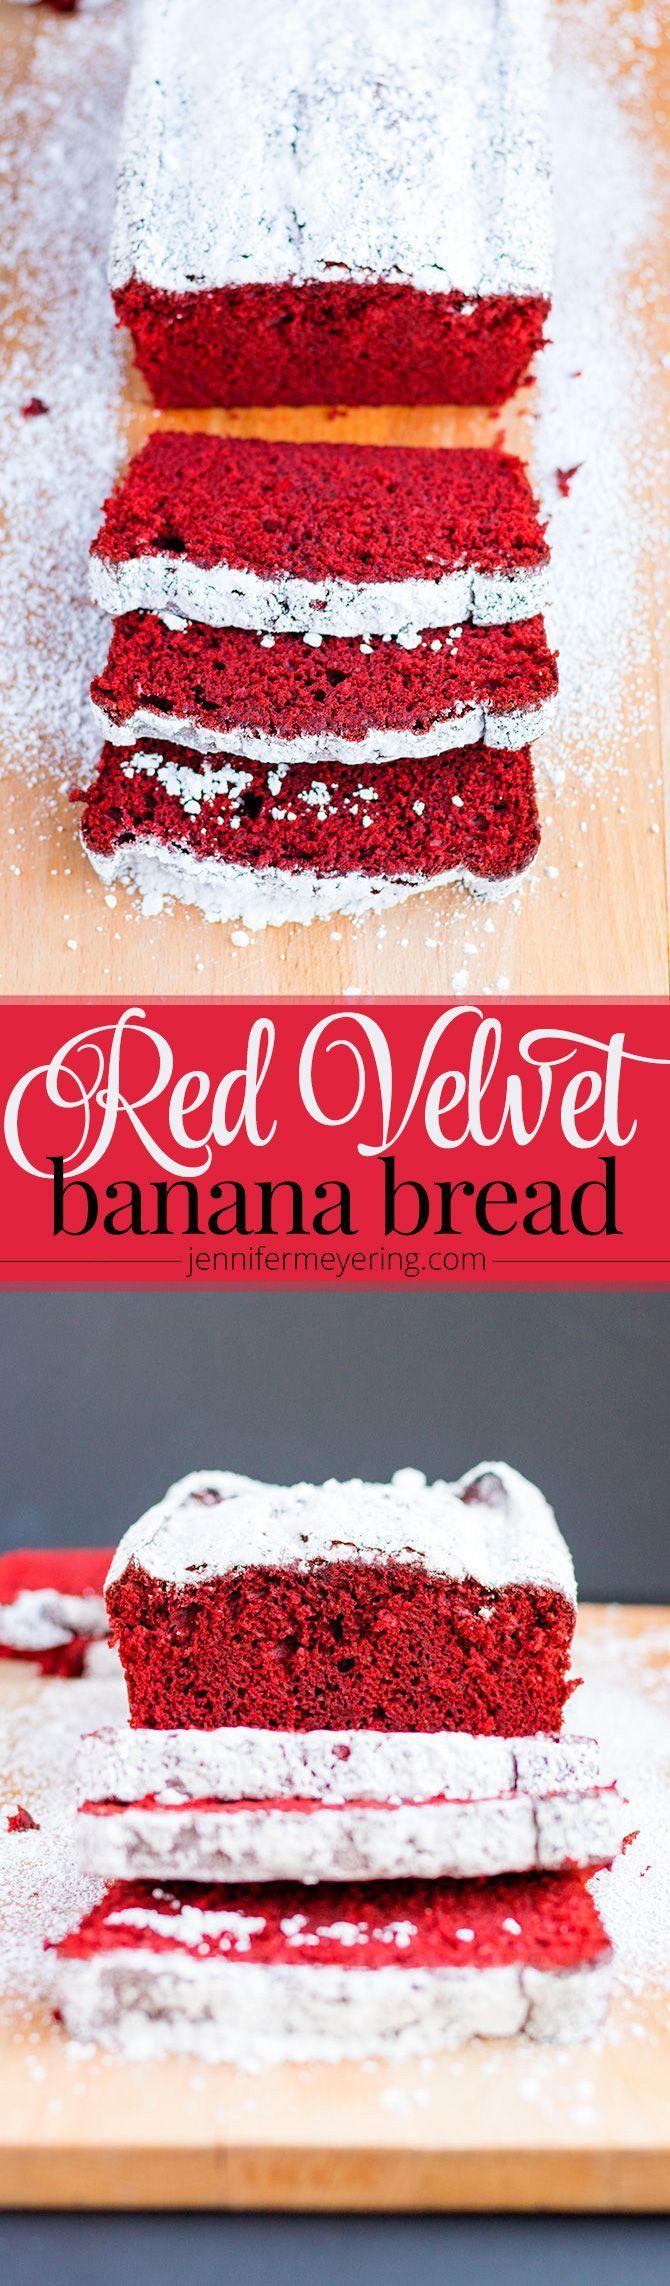 Red Velvet Banana Bread - JenniferMeyering.com